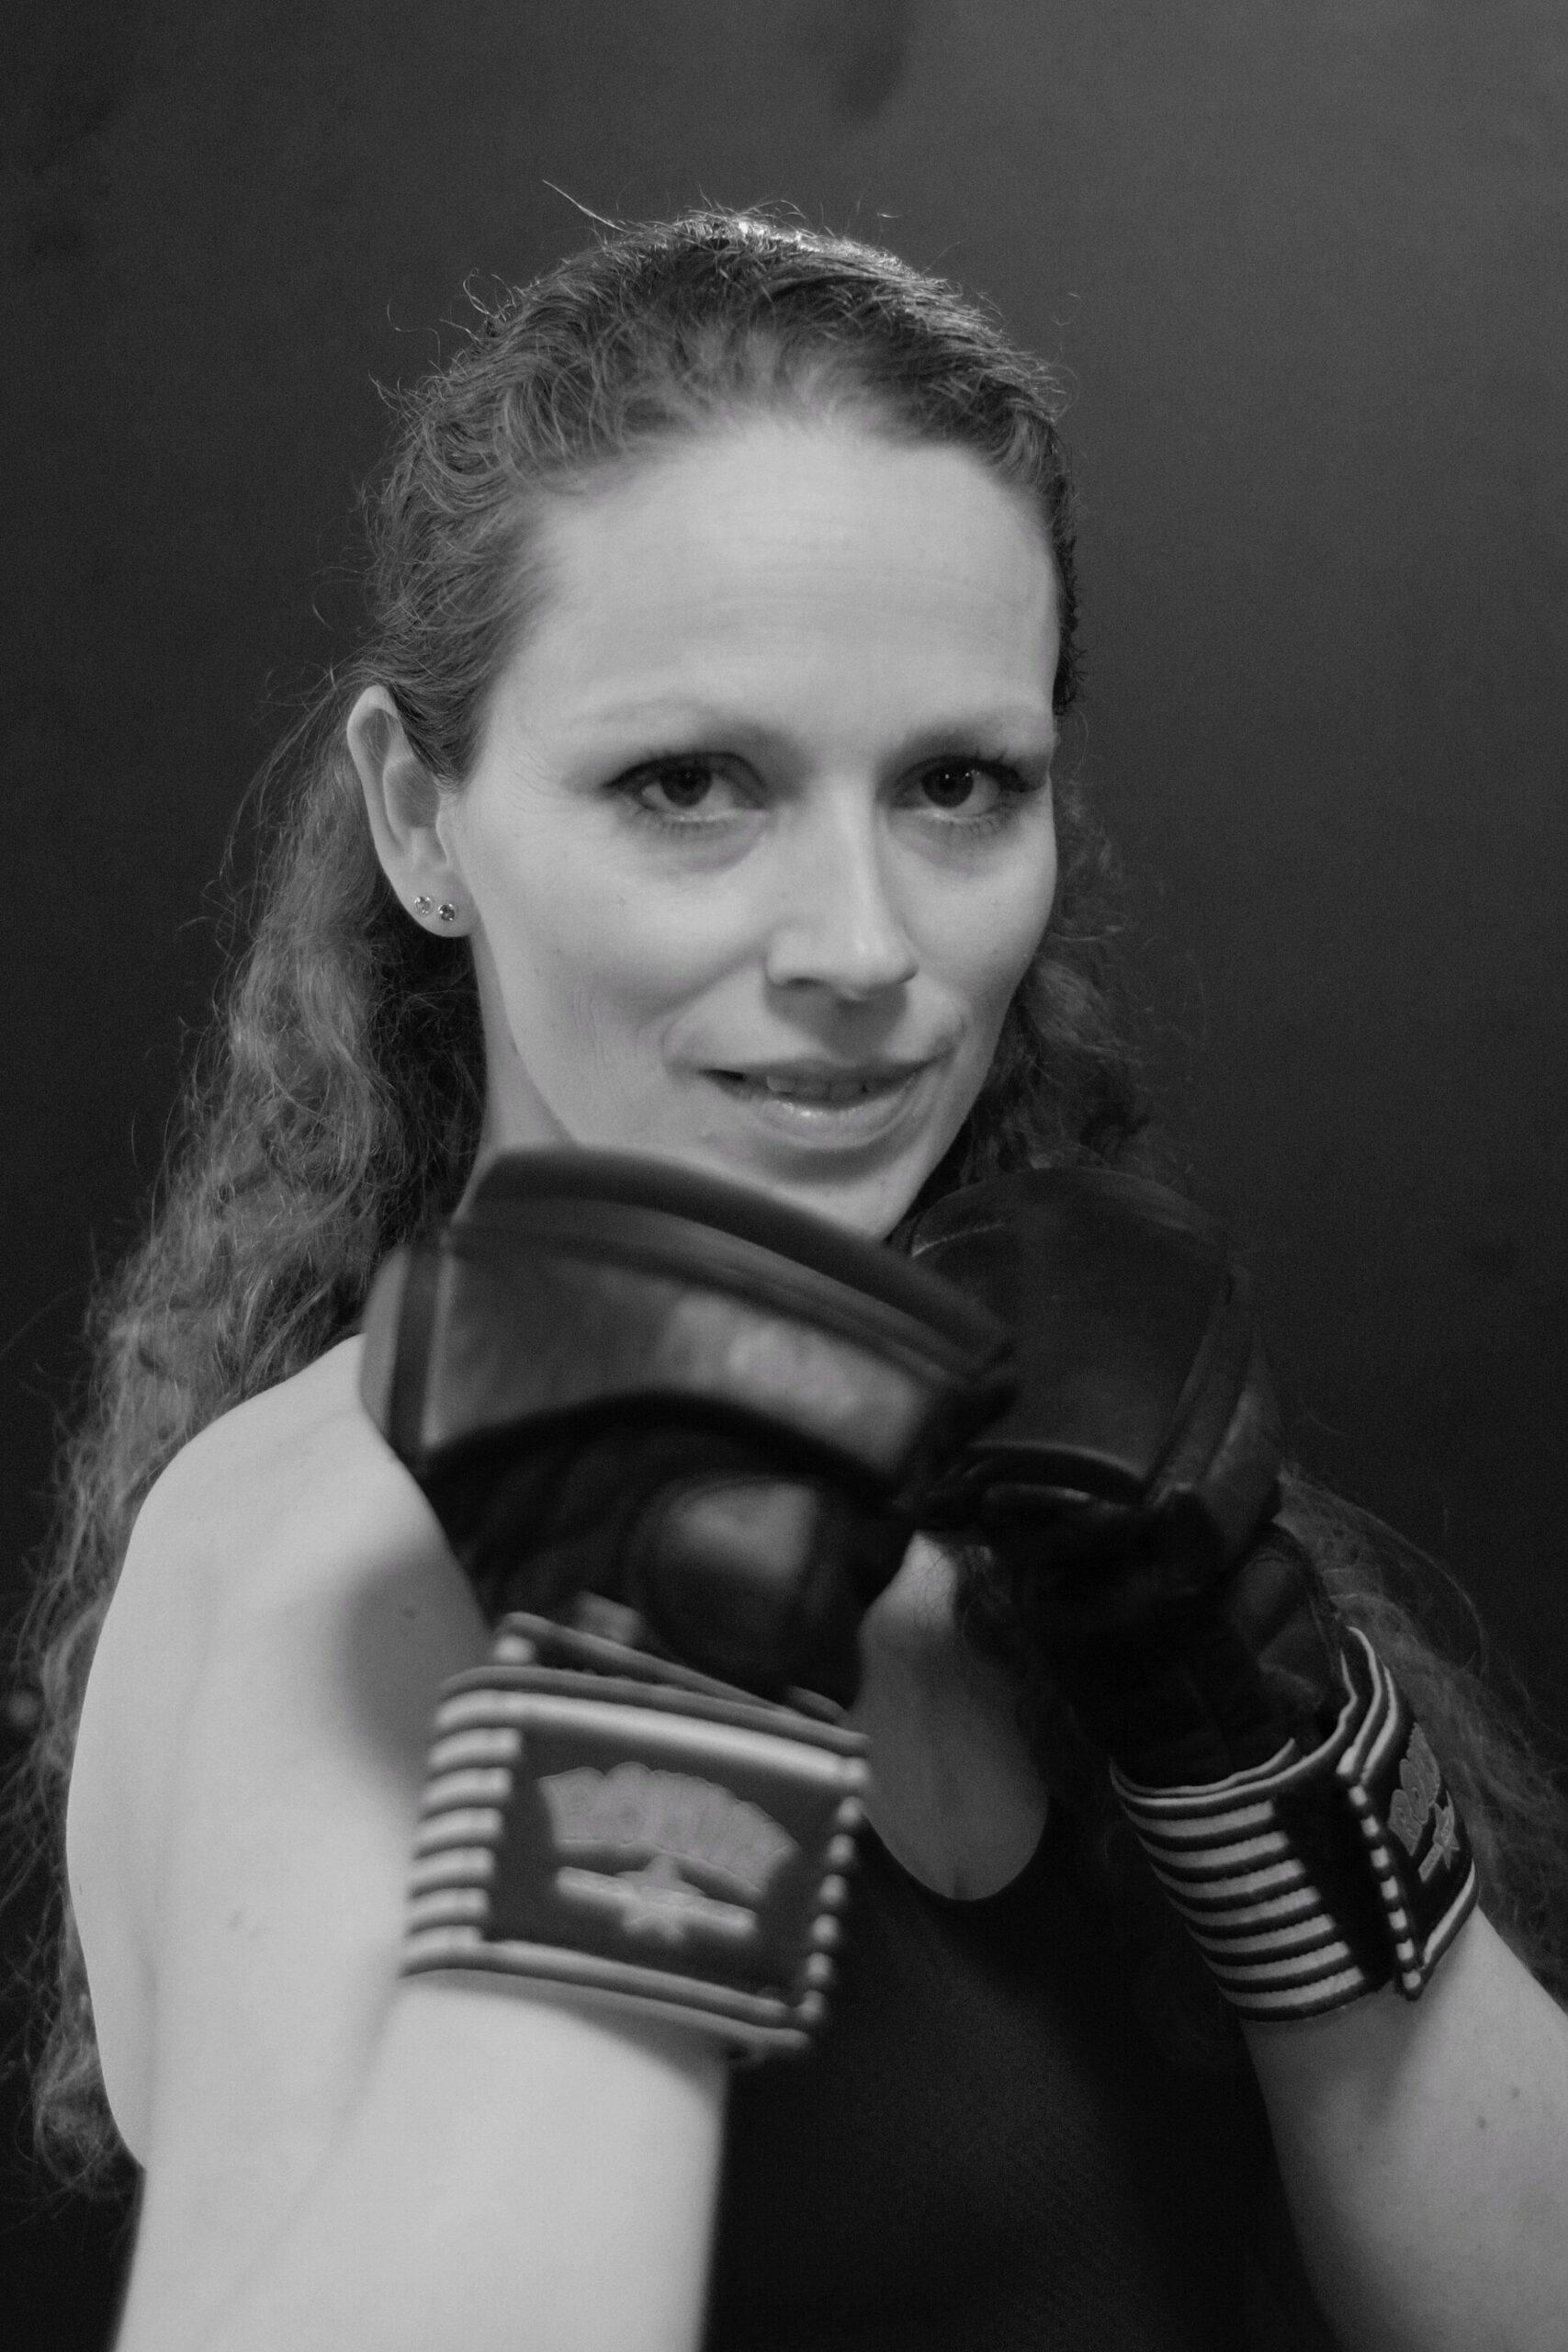 Laura Stigter bokshouding vooraanzicht zwart-wit